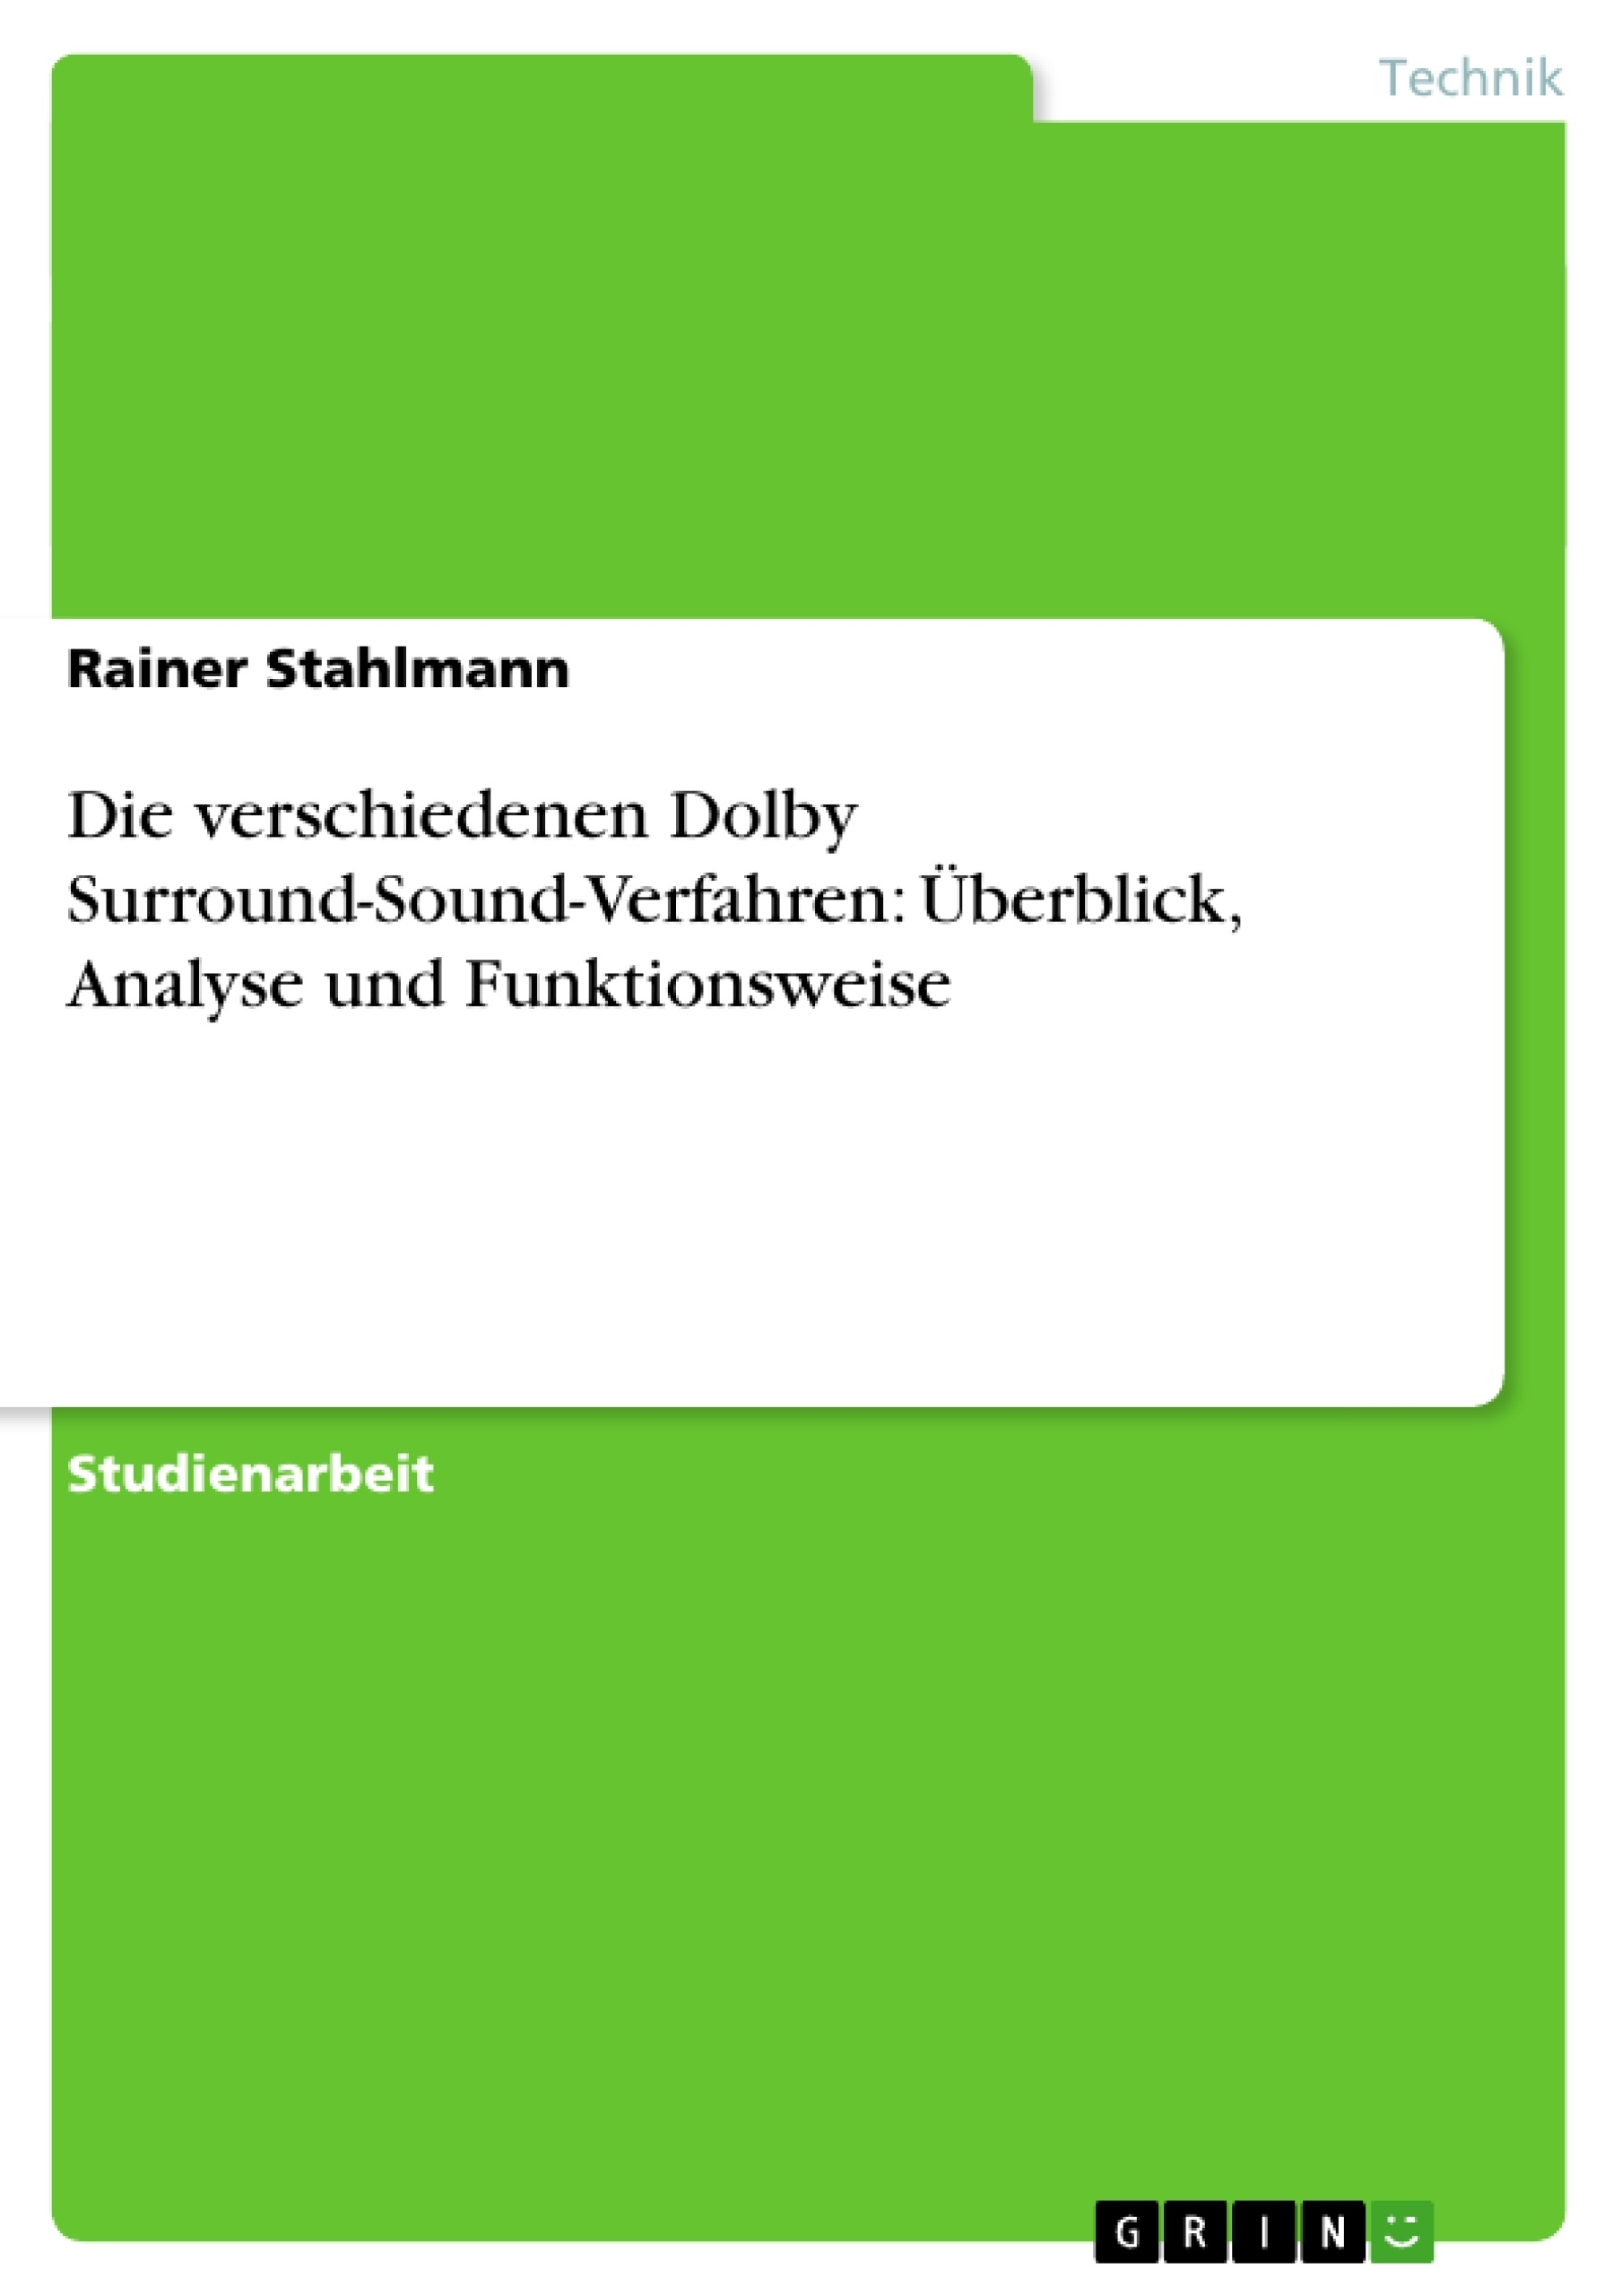 Titel: Die verschiedenen Dolby Surround-Sound-Verfahren: Überblick, Analyse und Funktionsweise